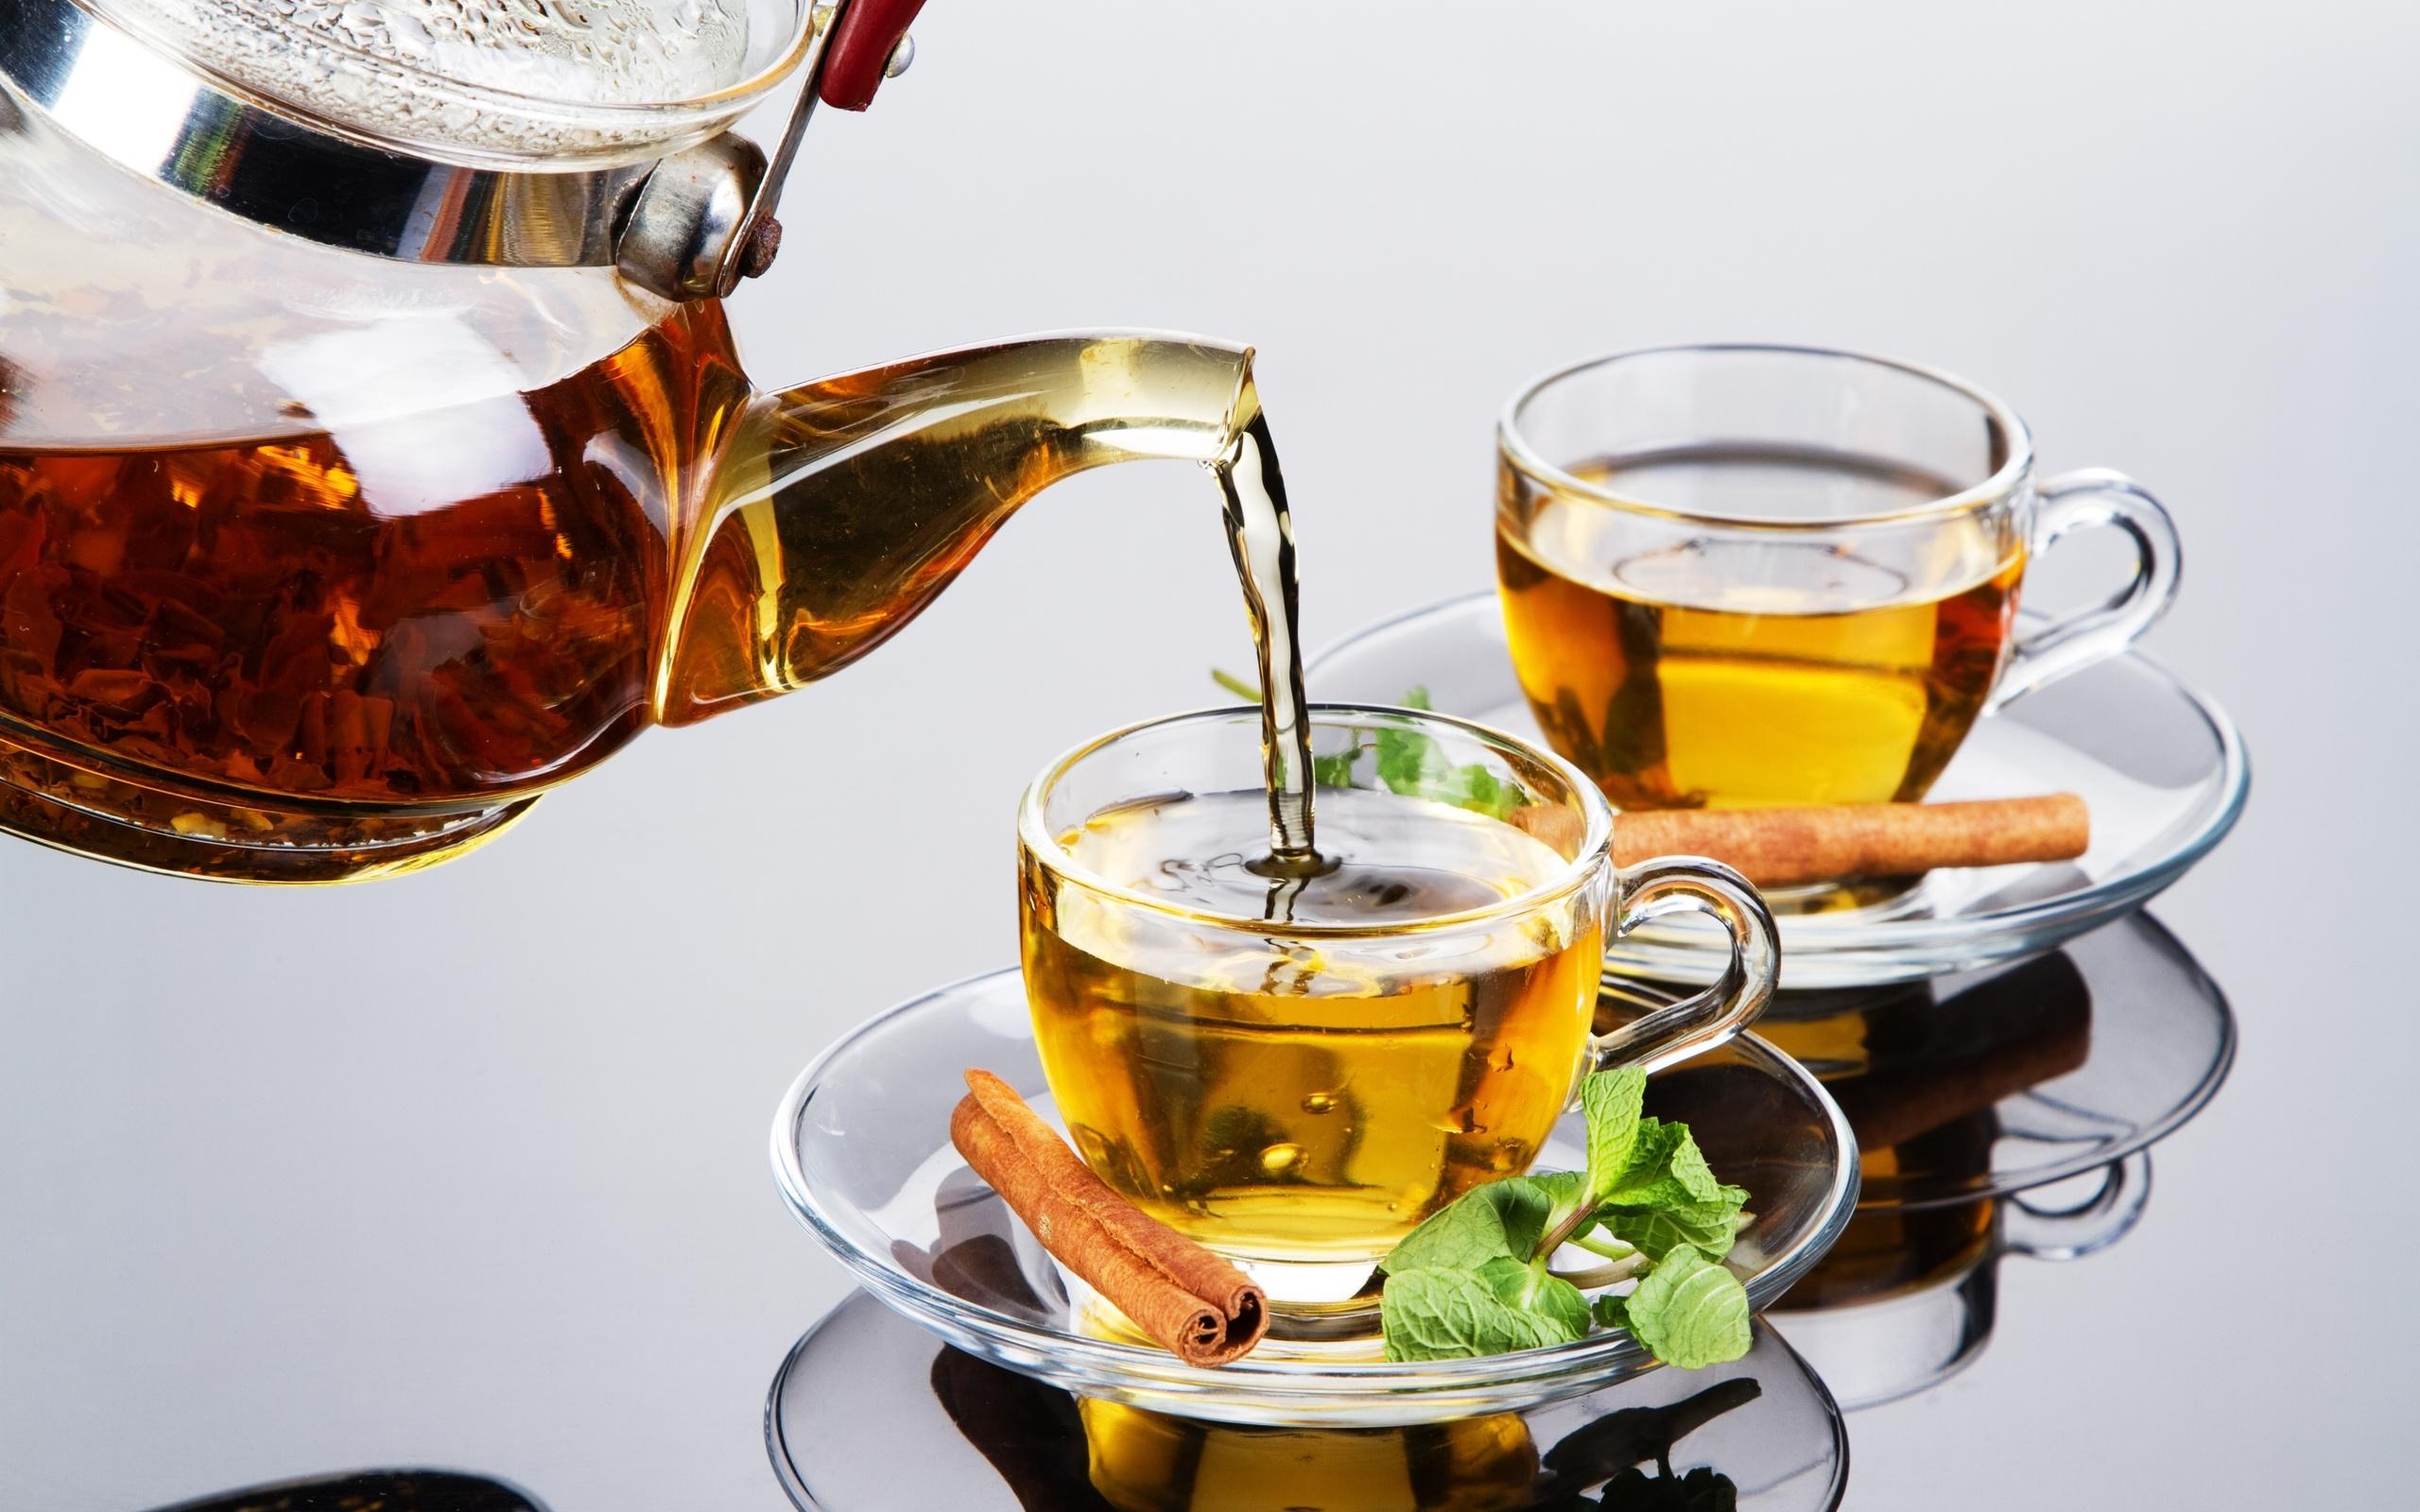 Стеклянные чашки с чаем